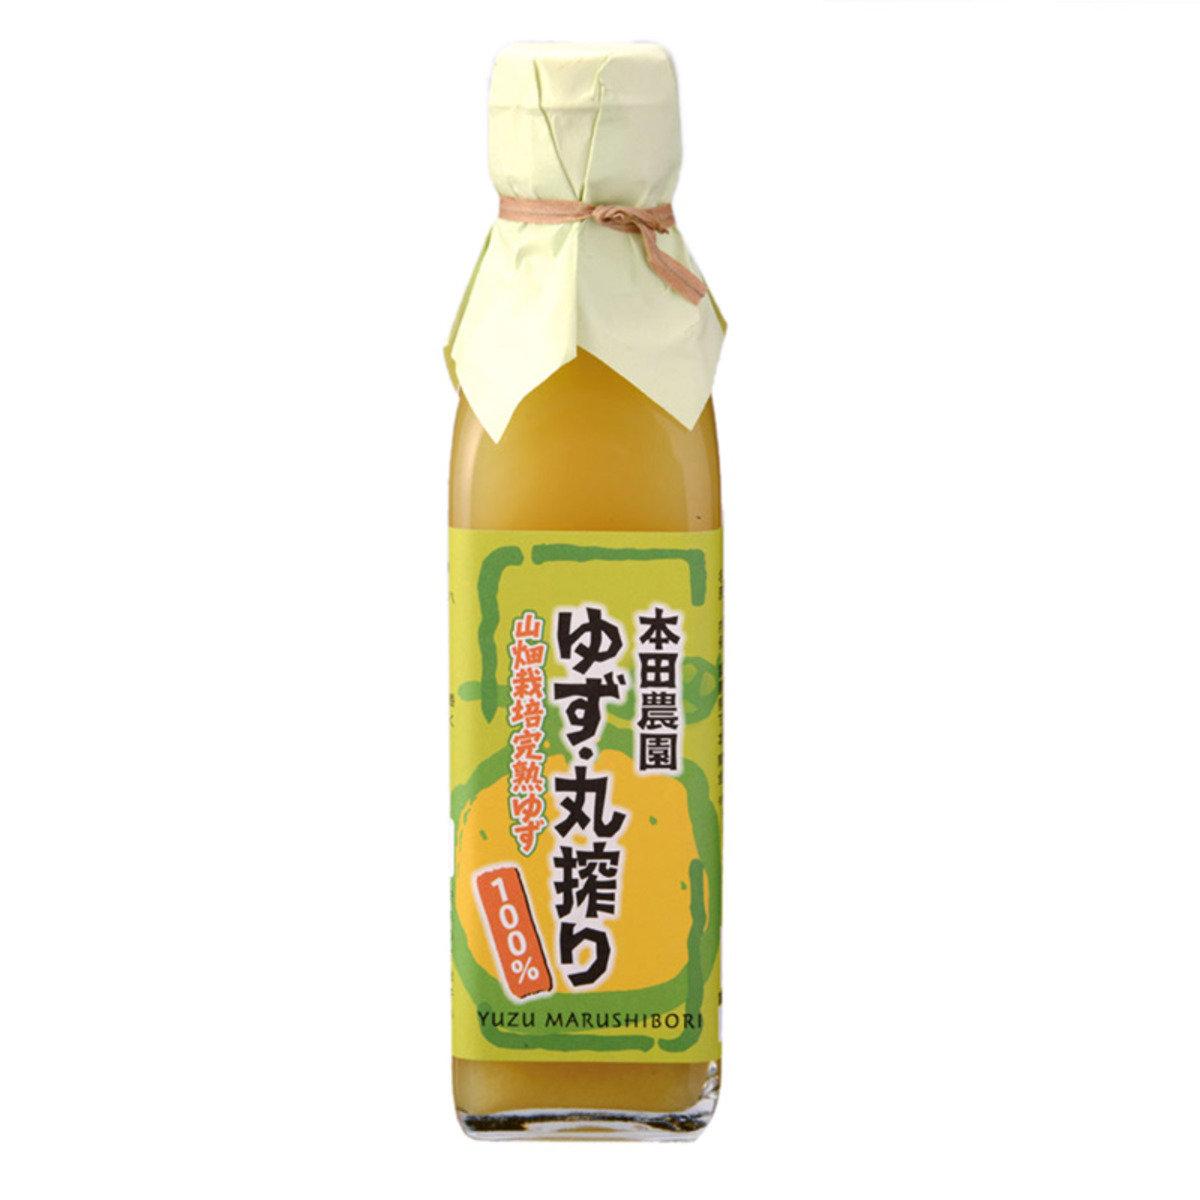 原個鮮搾柚子汁 (200毫升)